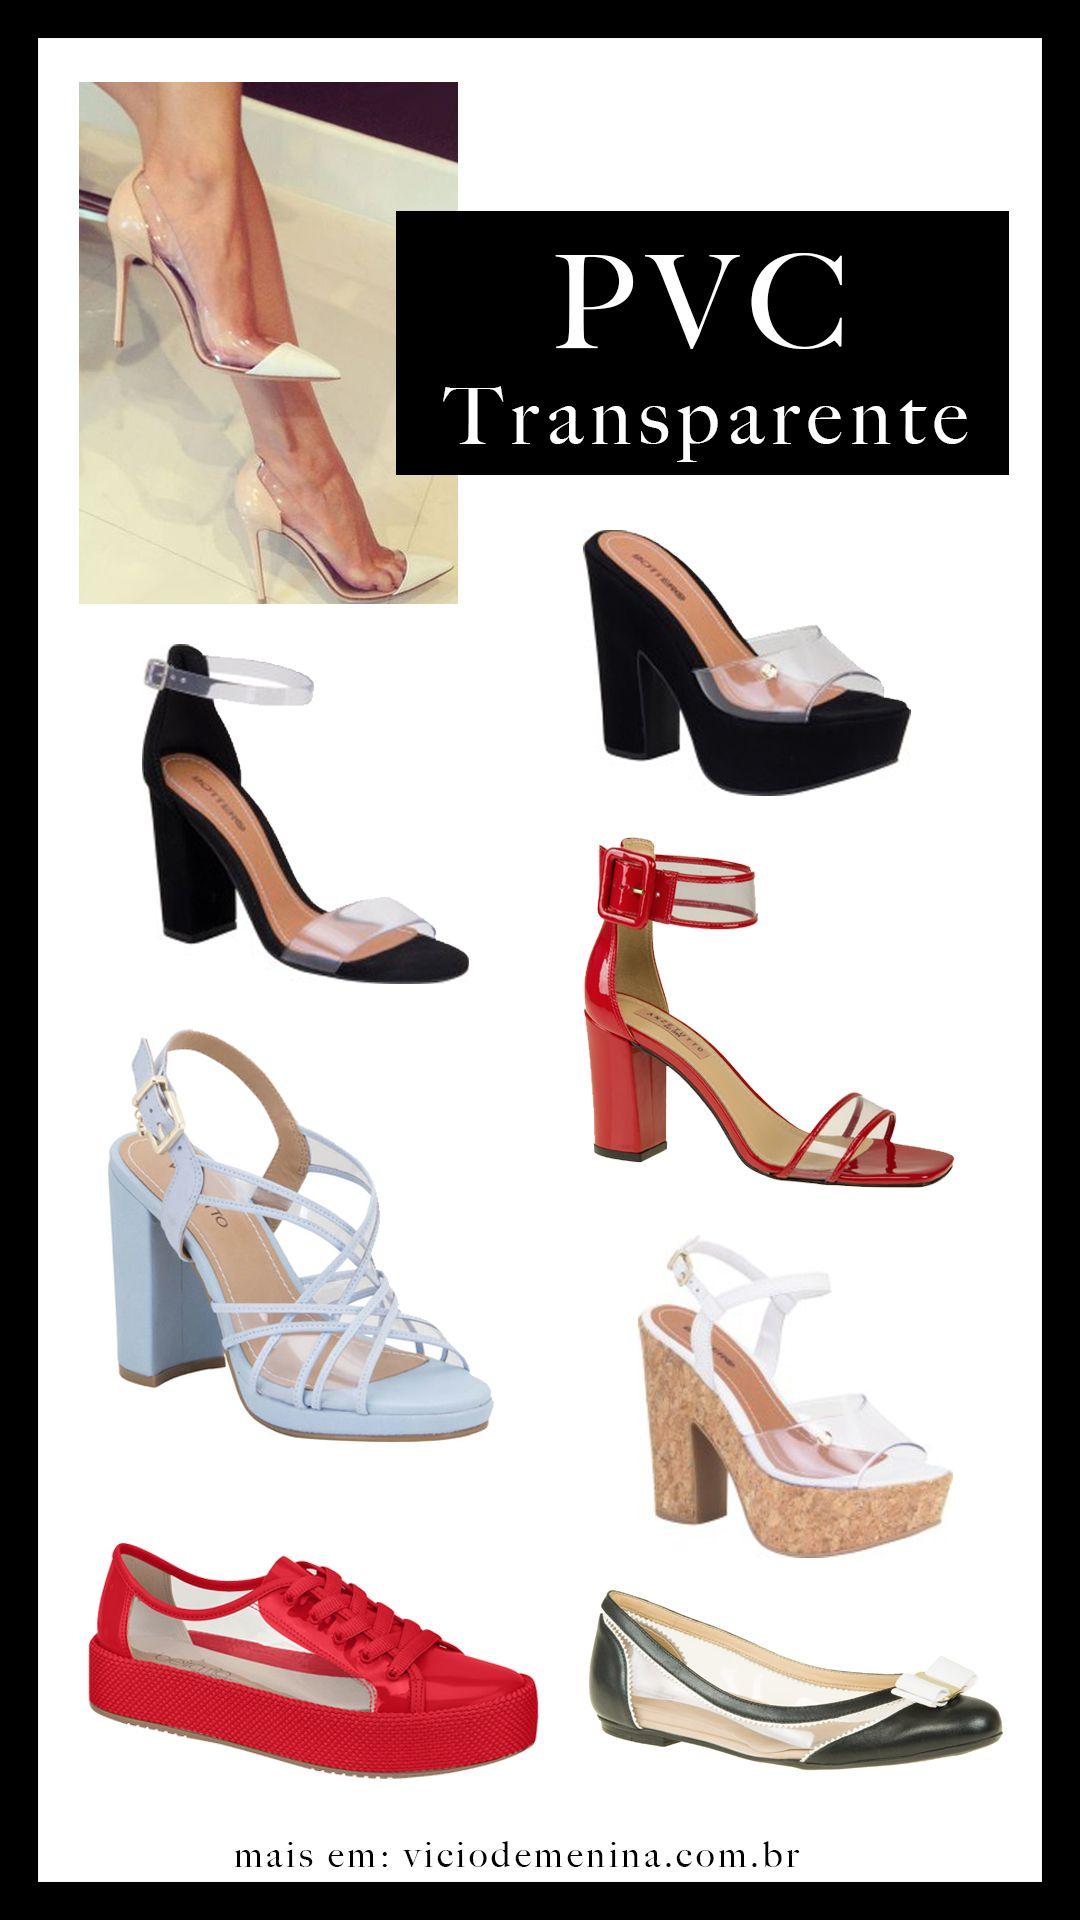 219c3fff8 Sapatos 👠 2019 #pvc #transparente Sandalias Verao, Tendências Primavera  Verão, Moda Feminina